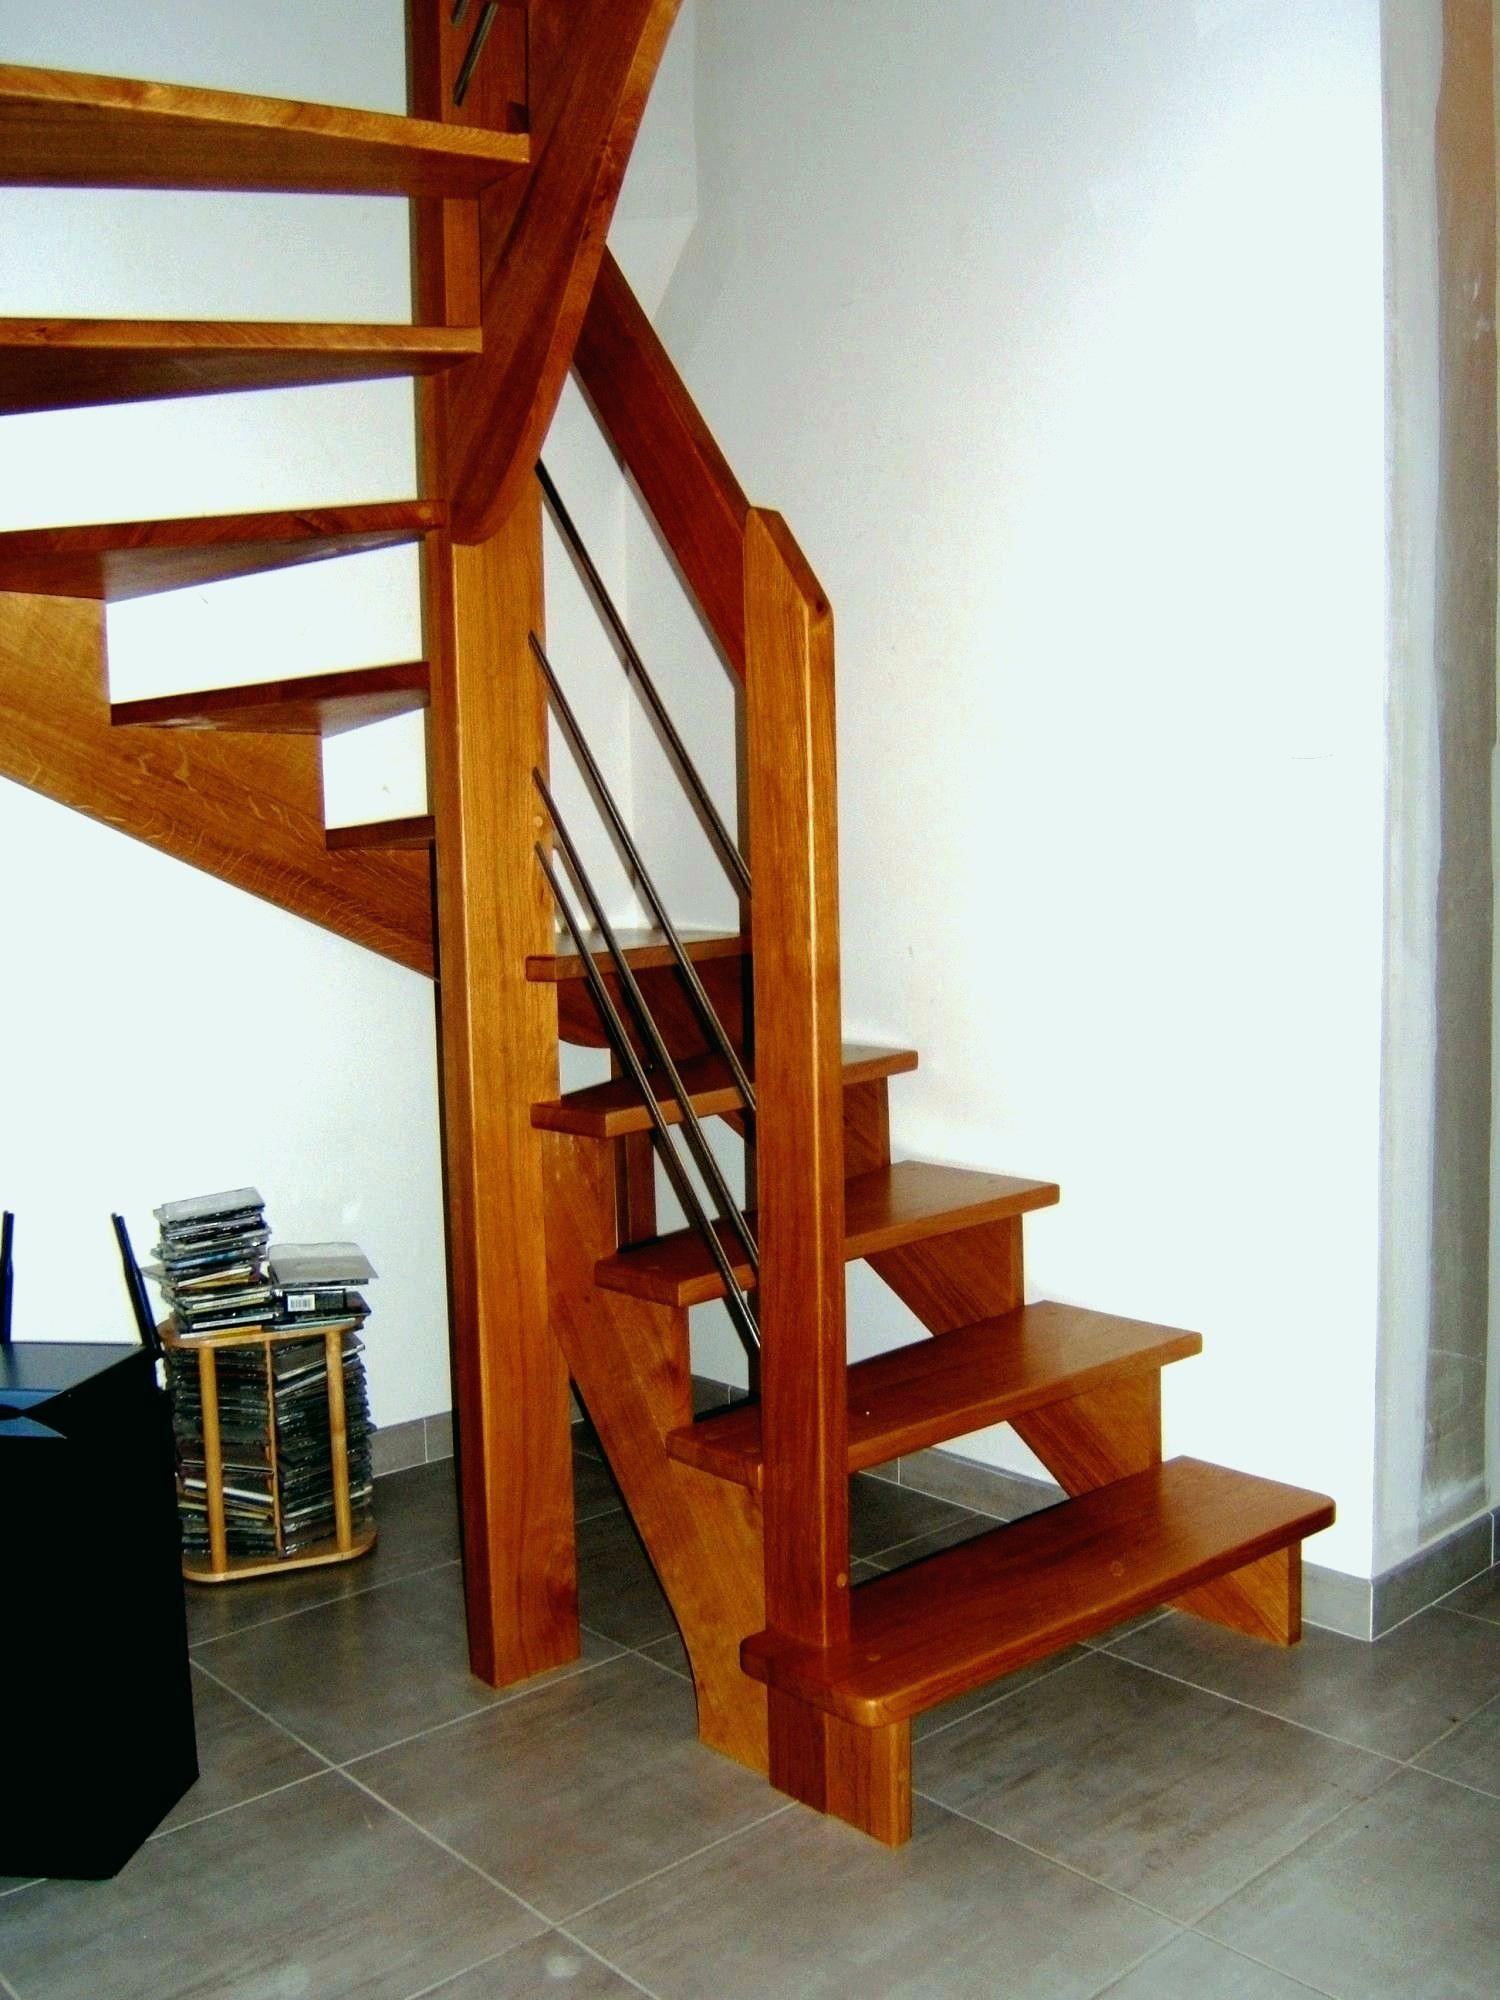 Fresh Logiciel Calcul Escalier Quart Tournant Calcul Escalier Escalier Japonais Escalier